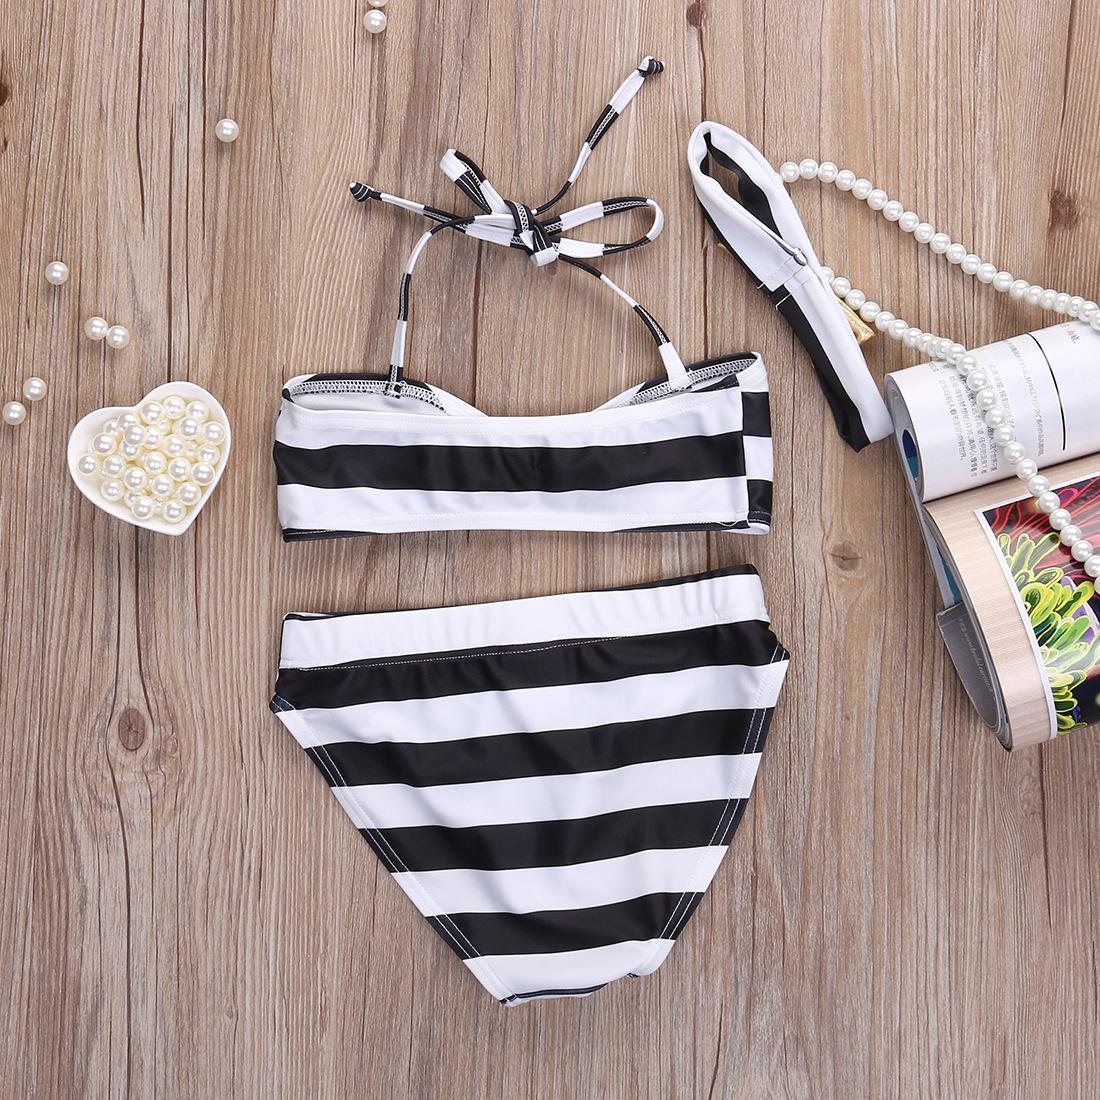 Neue koreanische Baby-Mädchen-Bikinistreifen Kinder Badebekleidung Baby-Badeanzug Rüsche / Bogen Prinzessin drei Stücke Badebekleidung + Bowknot Stirnband